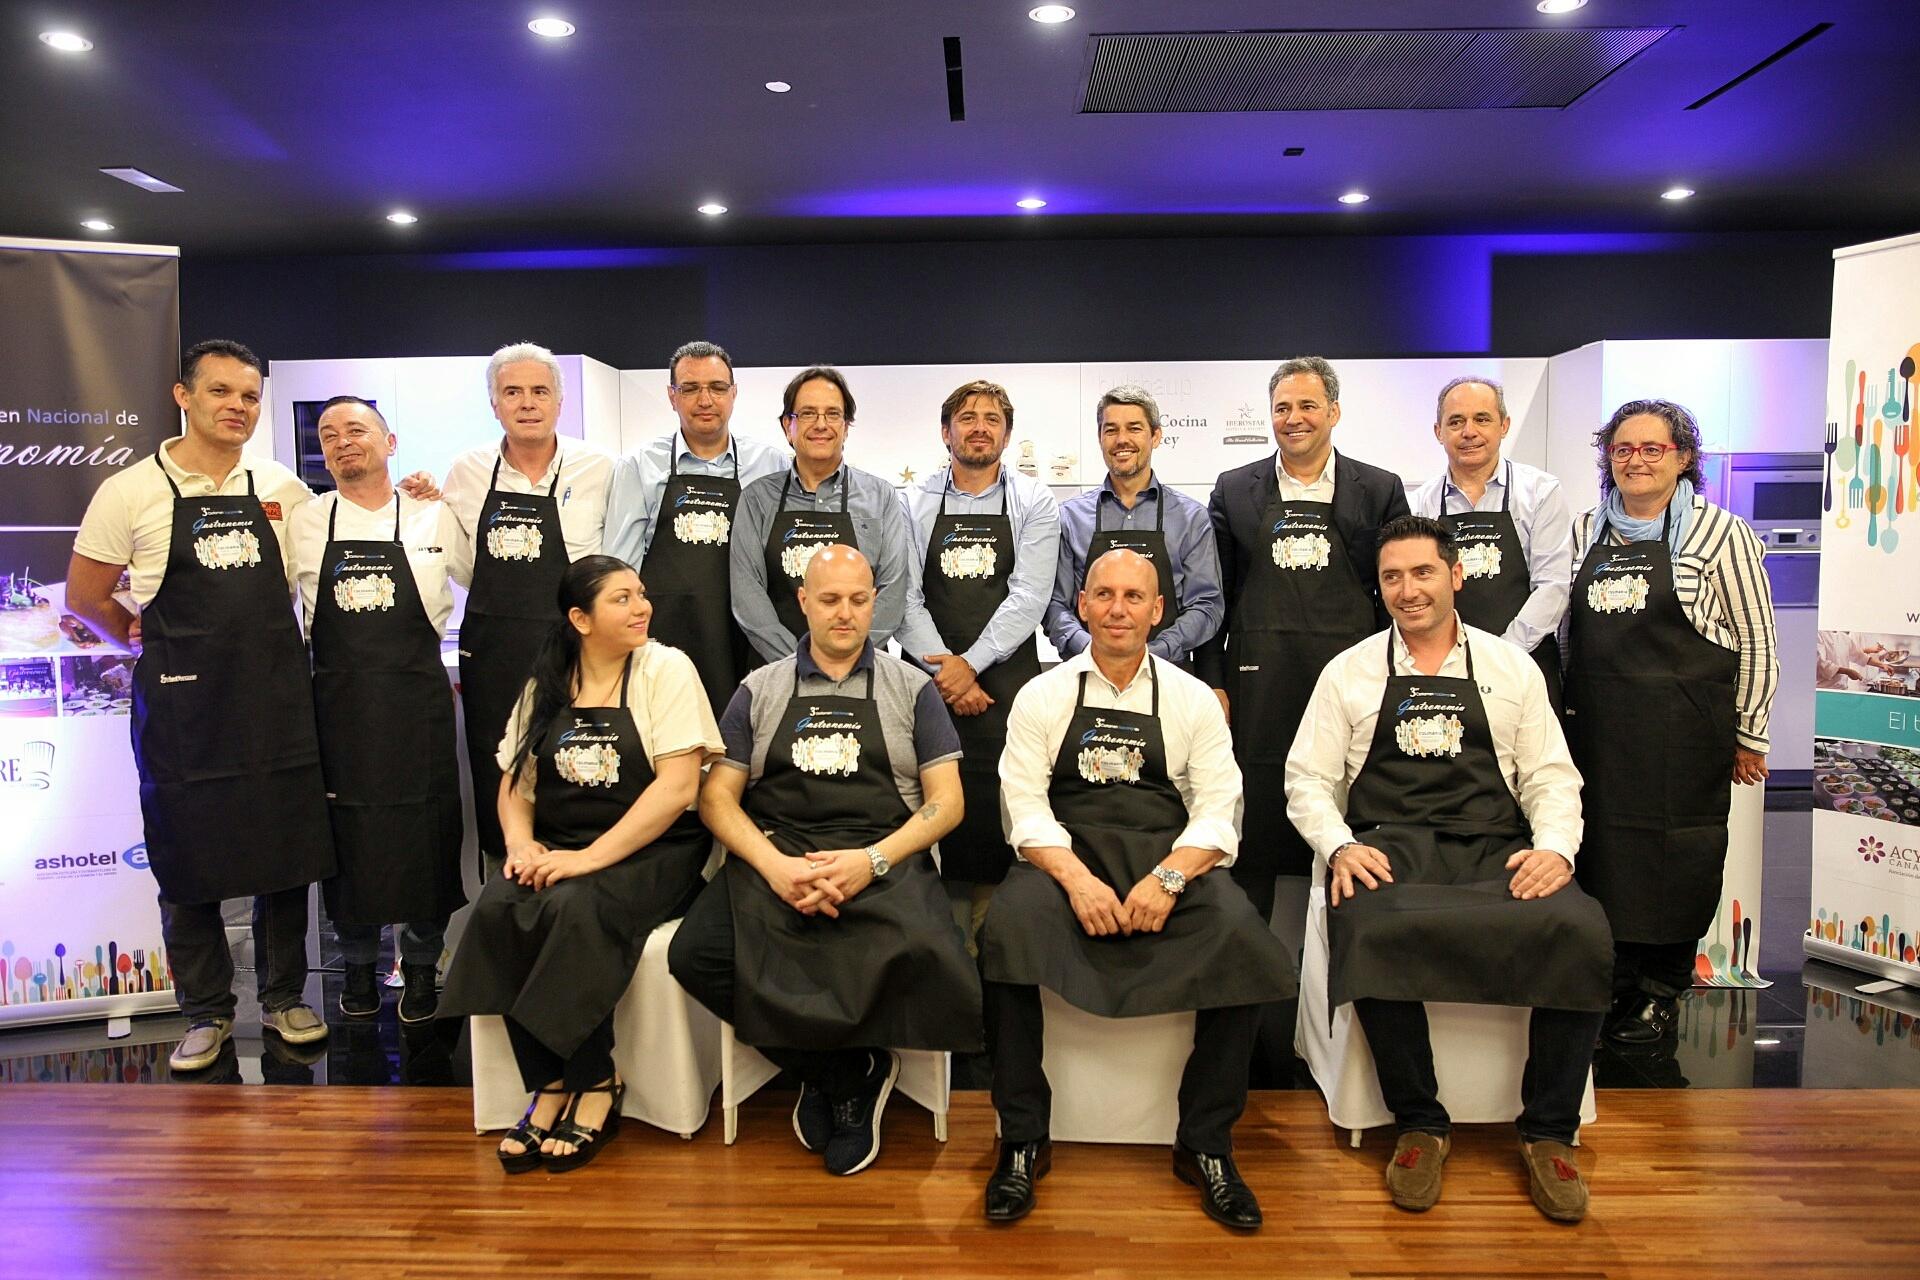 El I Congreso de Gastronomía Turística de Canarias, Culinaria Tenerife 2016, se celebrará en Adeje